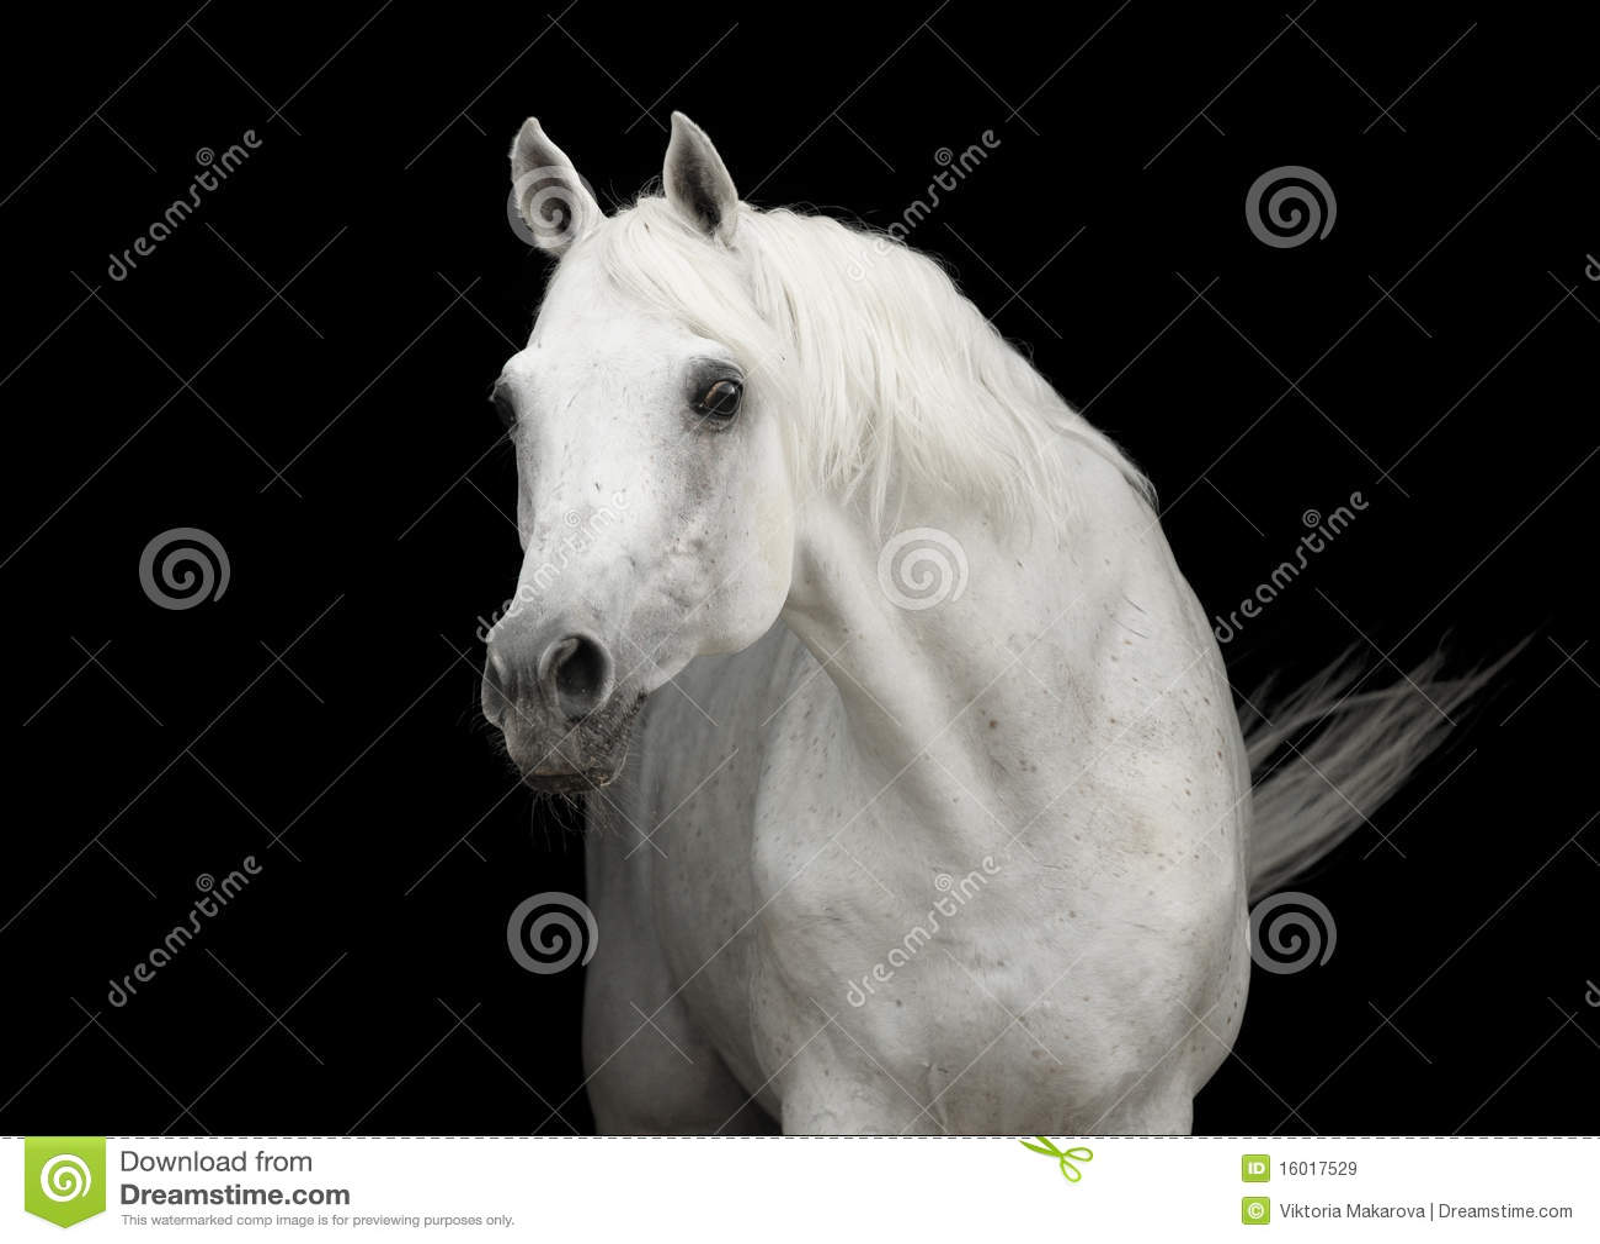 White Arabian Horse Stallion Portrait On Black Stock Image Image Of Equine Beautiful 16017529